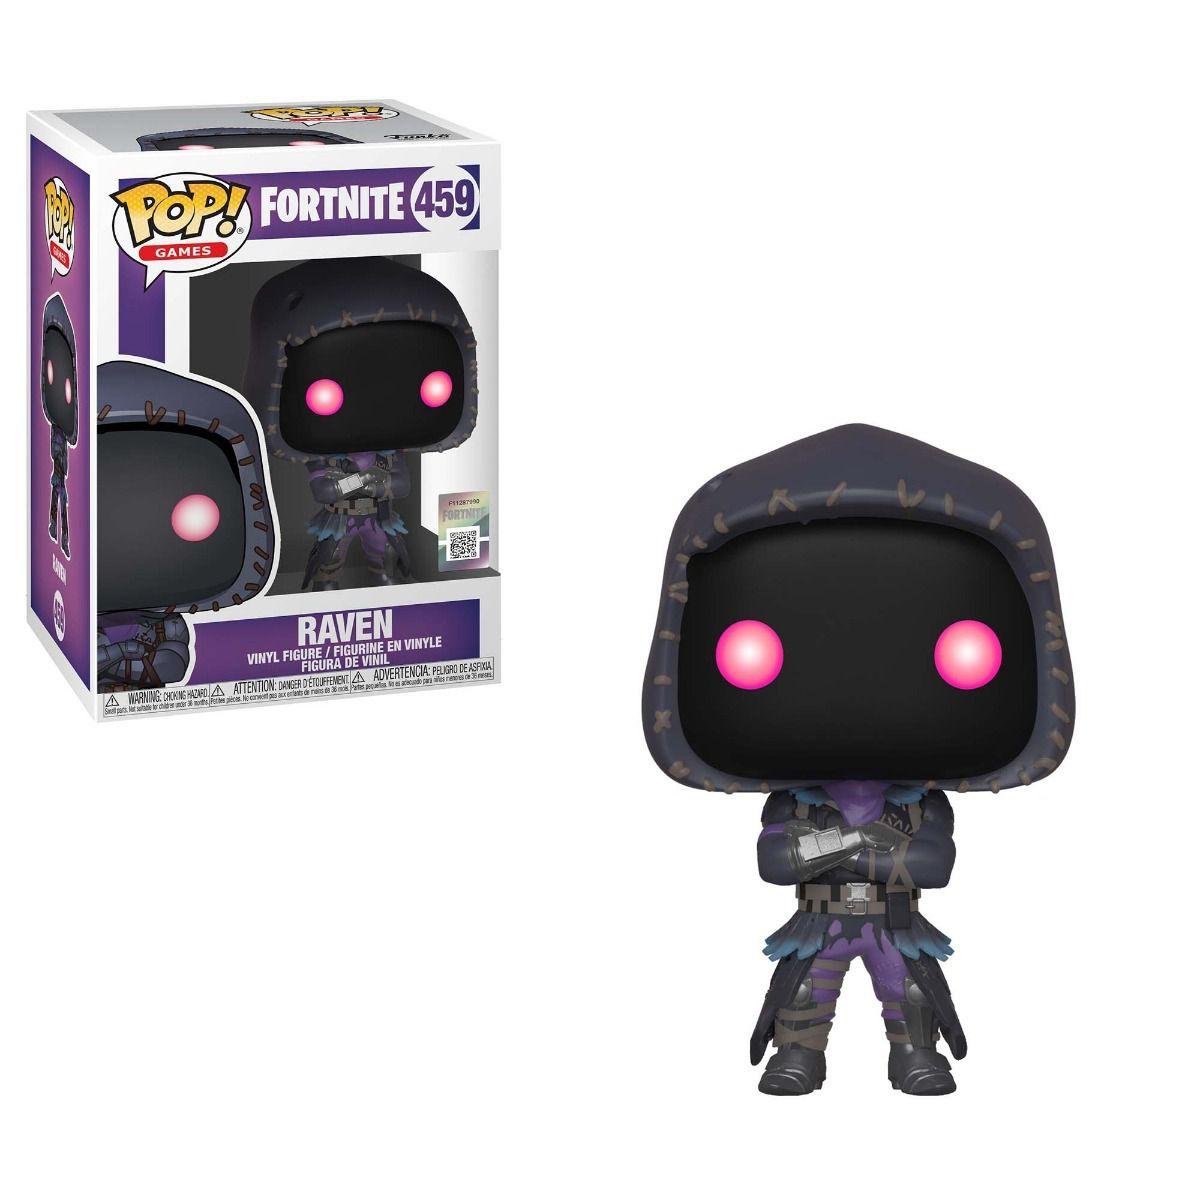 Raven #459 - Fortnite - Funko Pop! Games